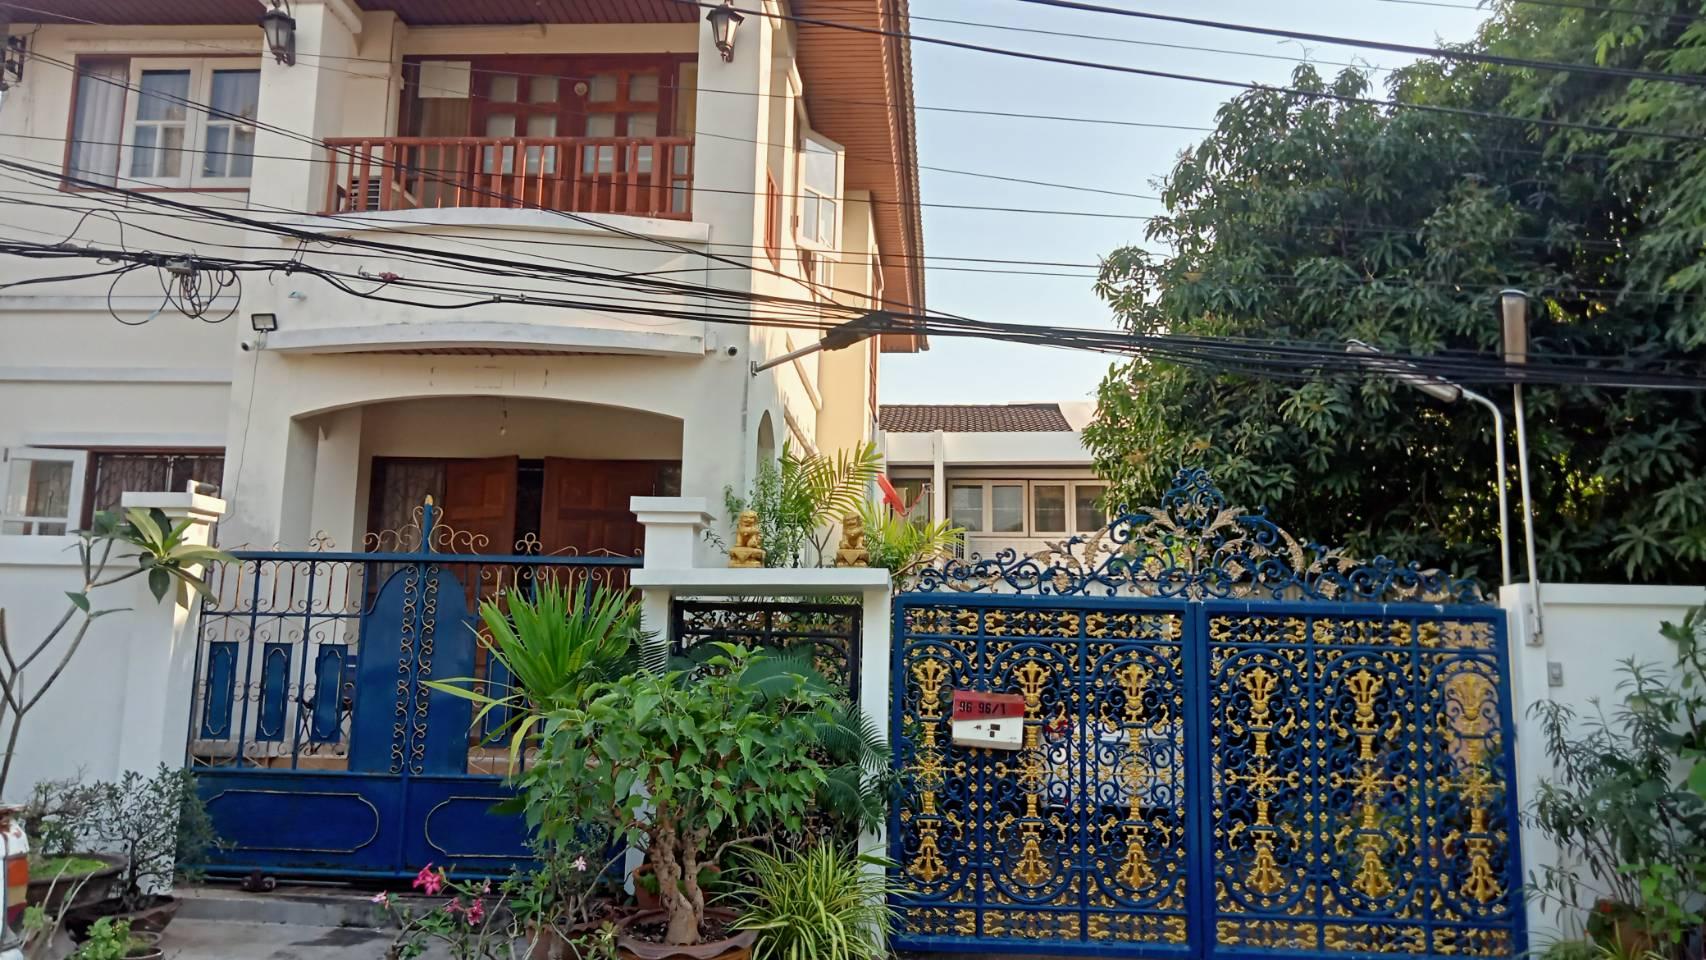 ขายบ้านเดี่ยว 2 ชั้น 2 หลังคุ้มค่า ในเนื้อที่ 100 ตรว หมู่บ้านเมืองทอง 2/2 ทำเลดีถนนพัฒนาการ 61